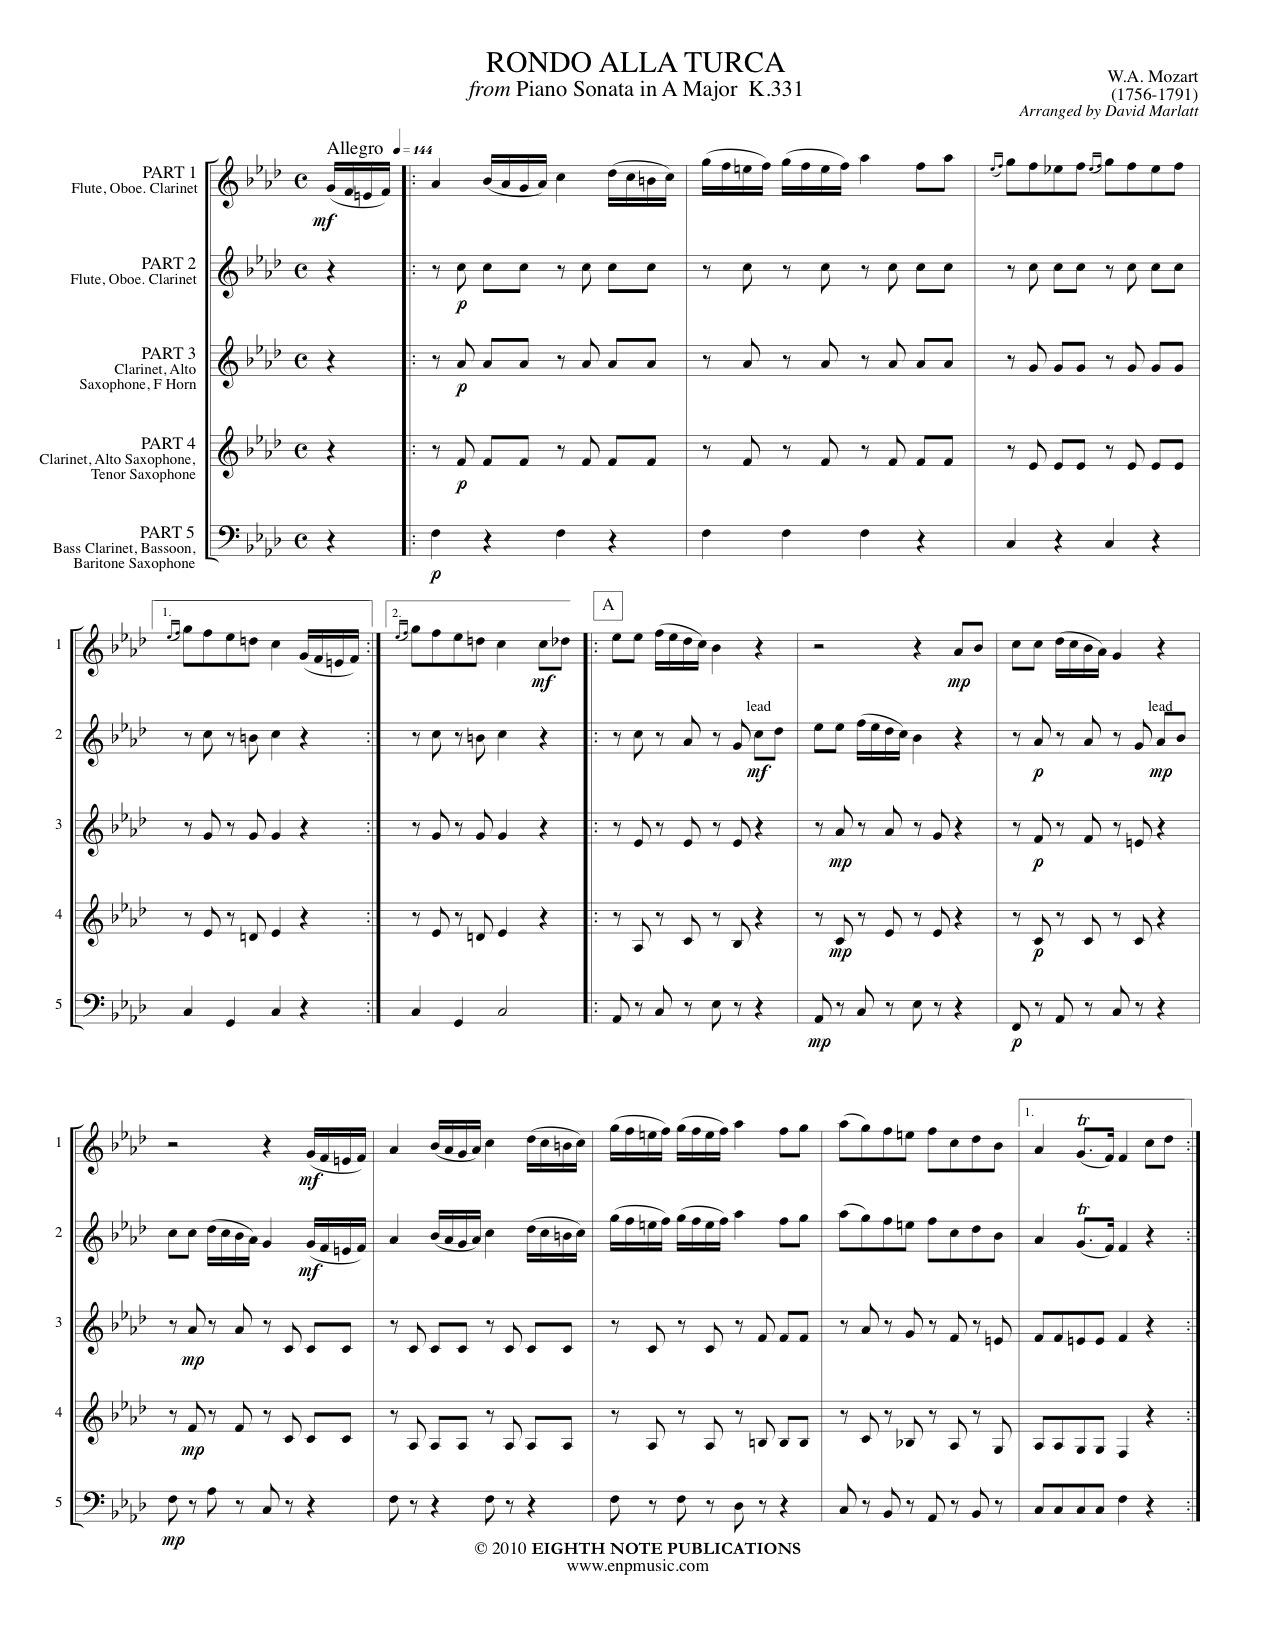 Alla Turca Mozart eighth note publications - rondo alla turca